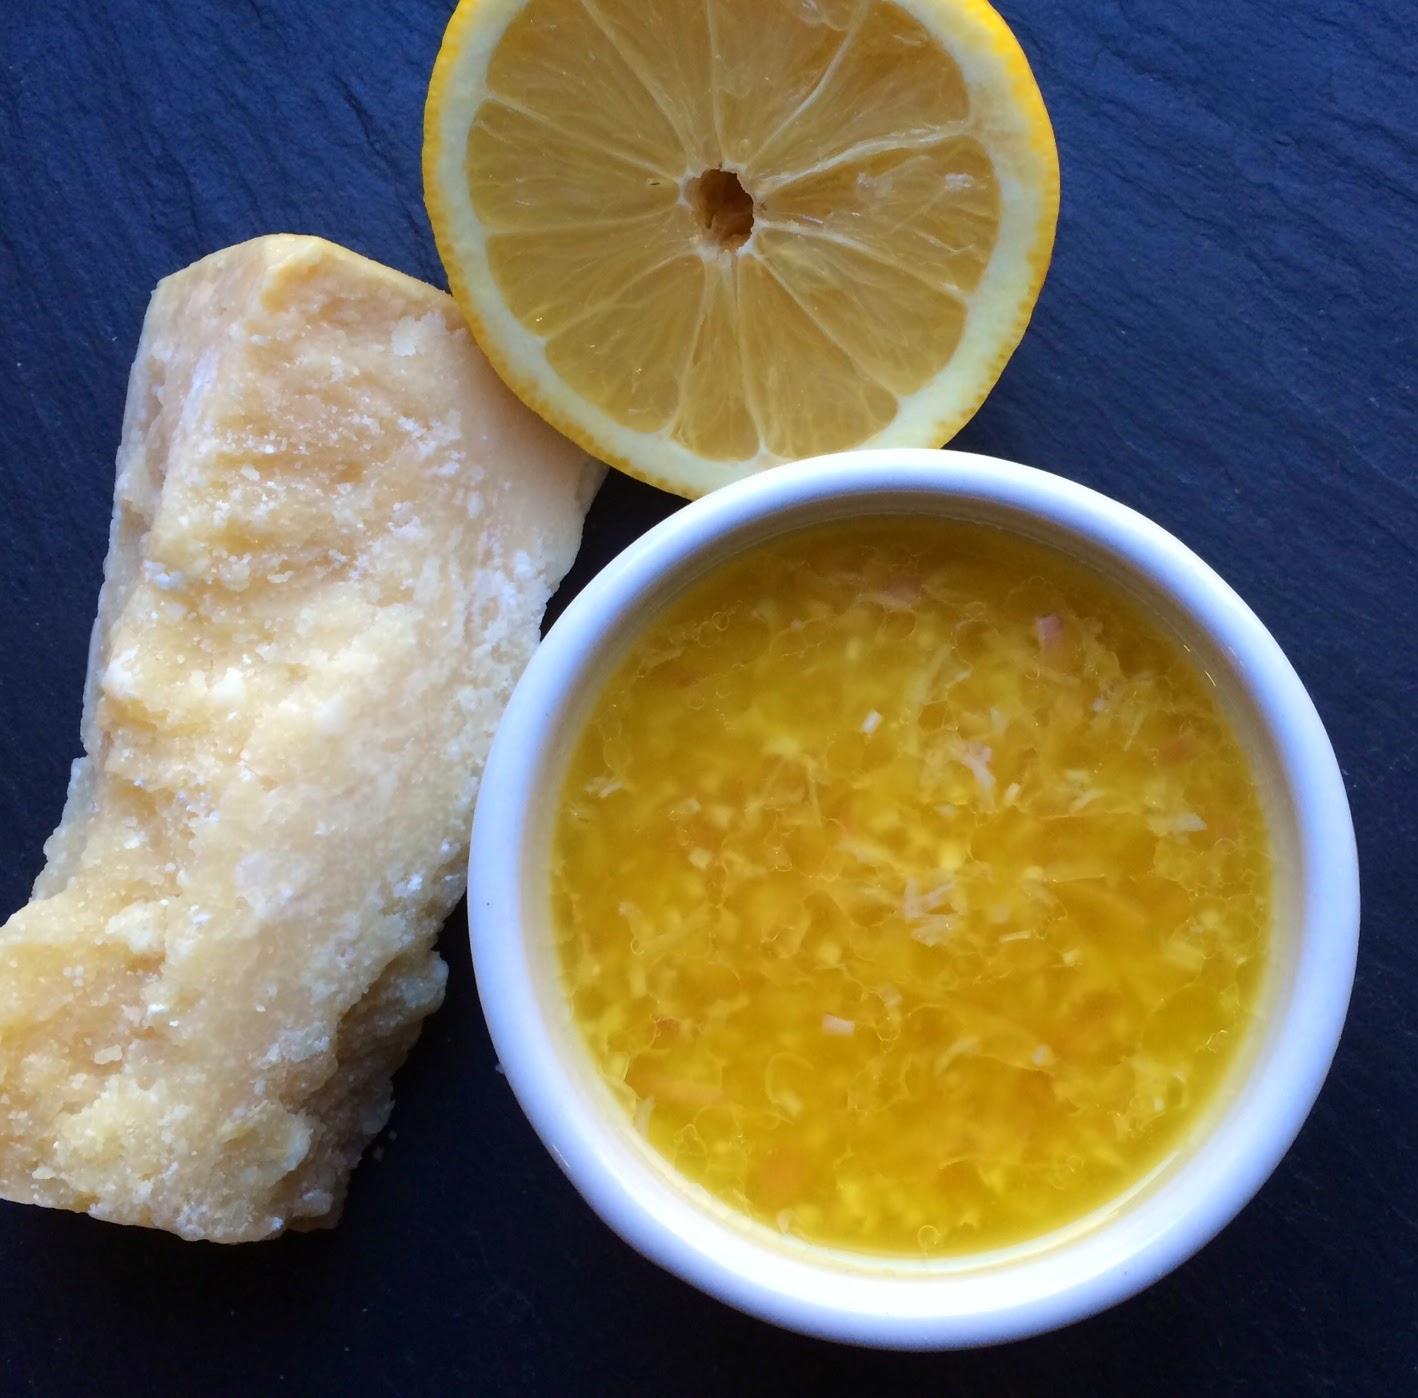 Lemon Parmesan Vinaigrette